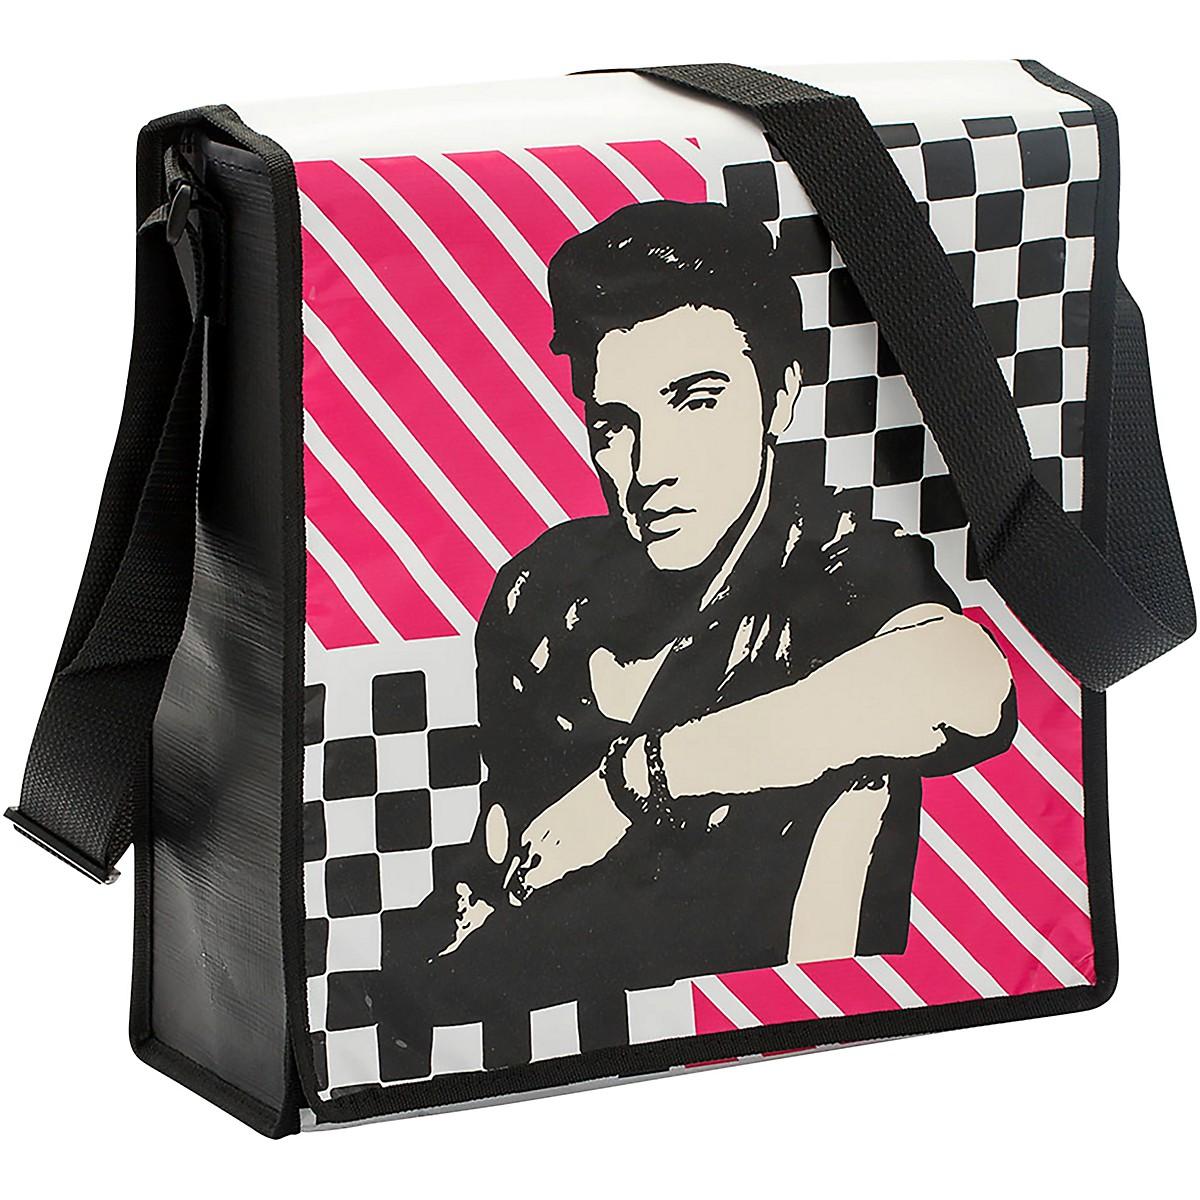 Vandor Elvis Presley Recycled Messenger Tote